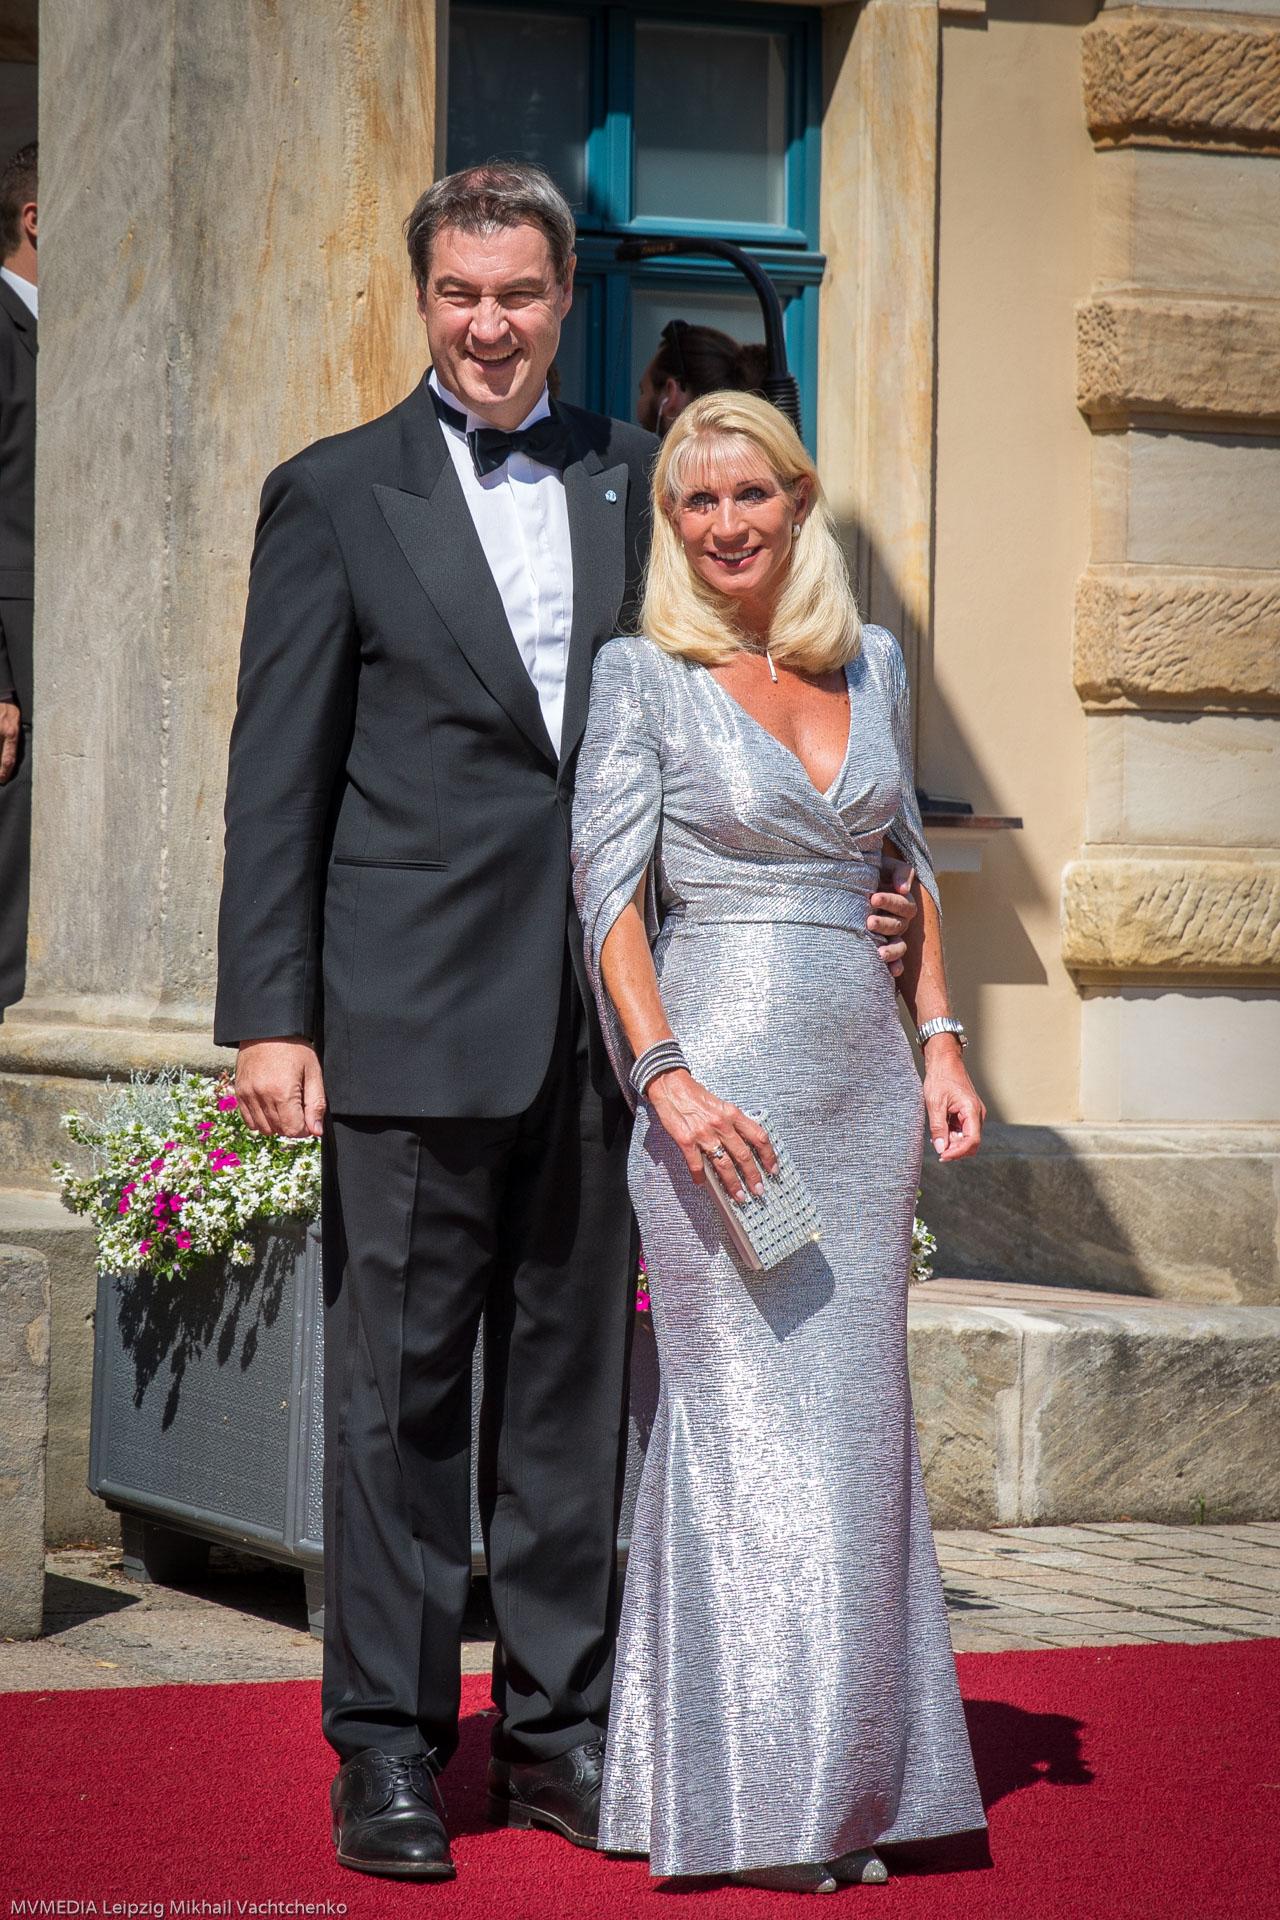 Премьер-министр Баварии Маркус Зёдер с супругой Карин Бауммюллер-Зёдер